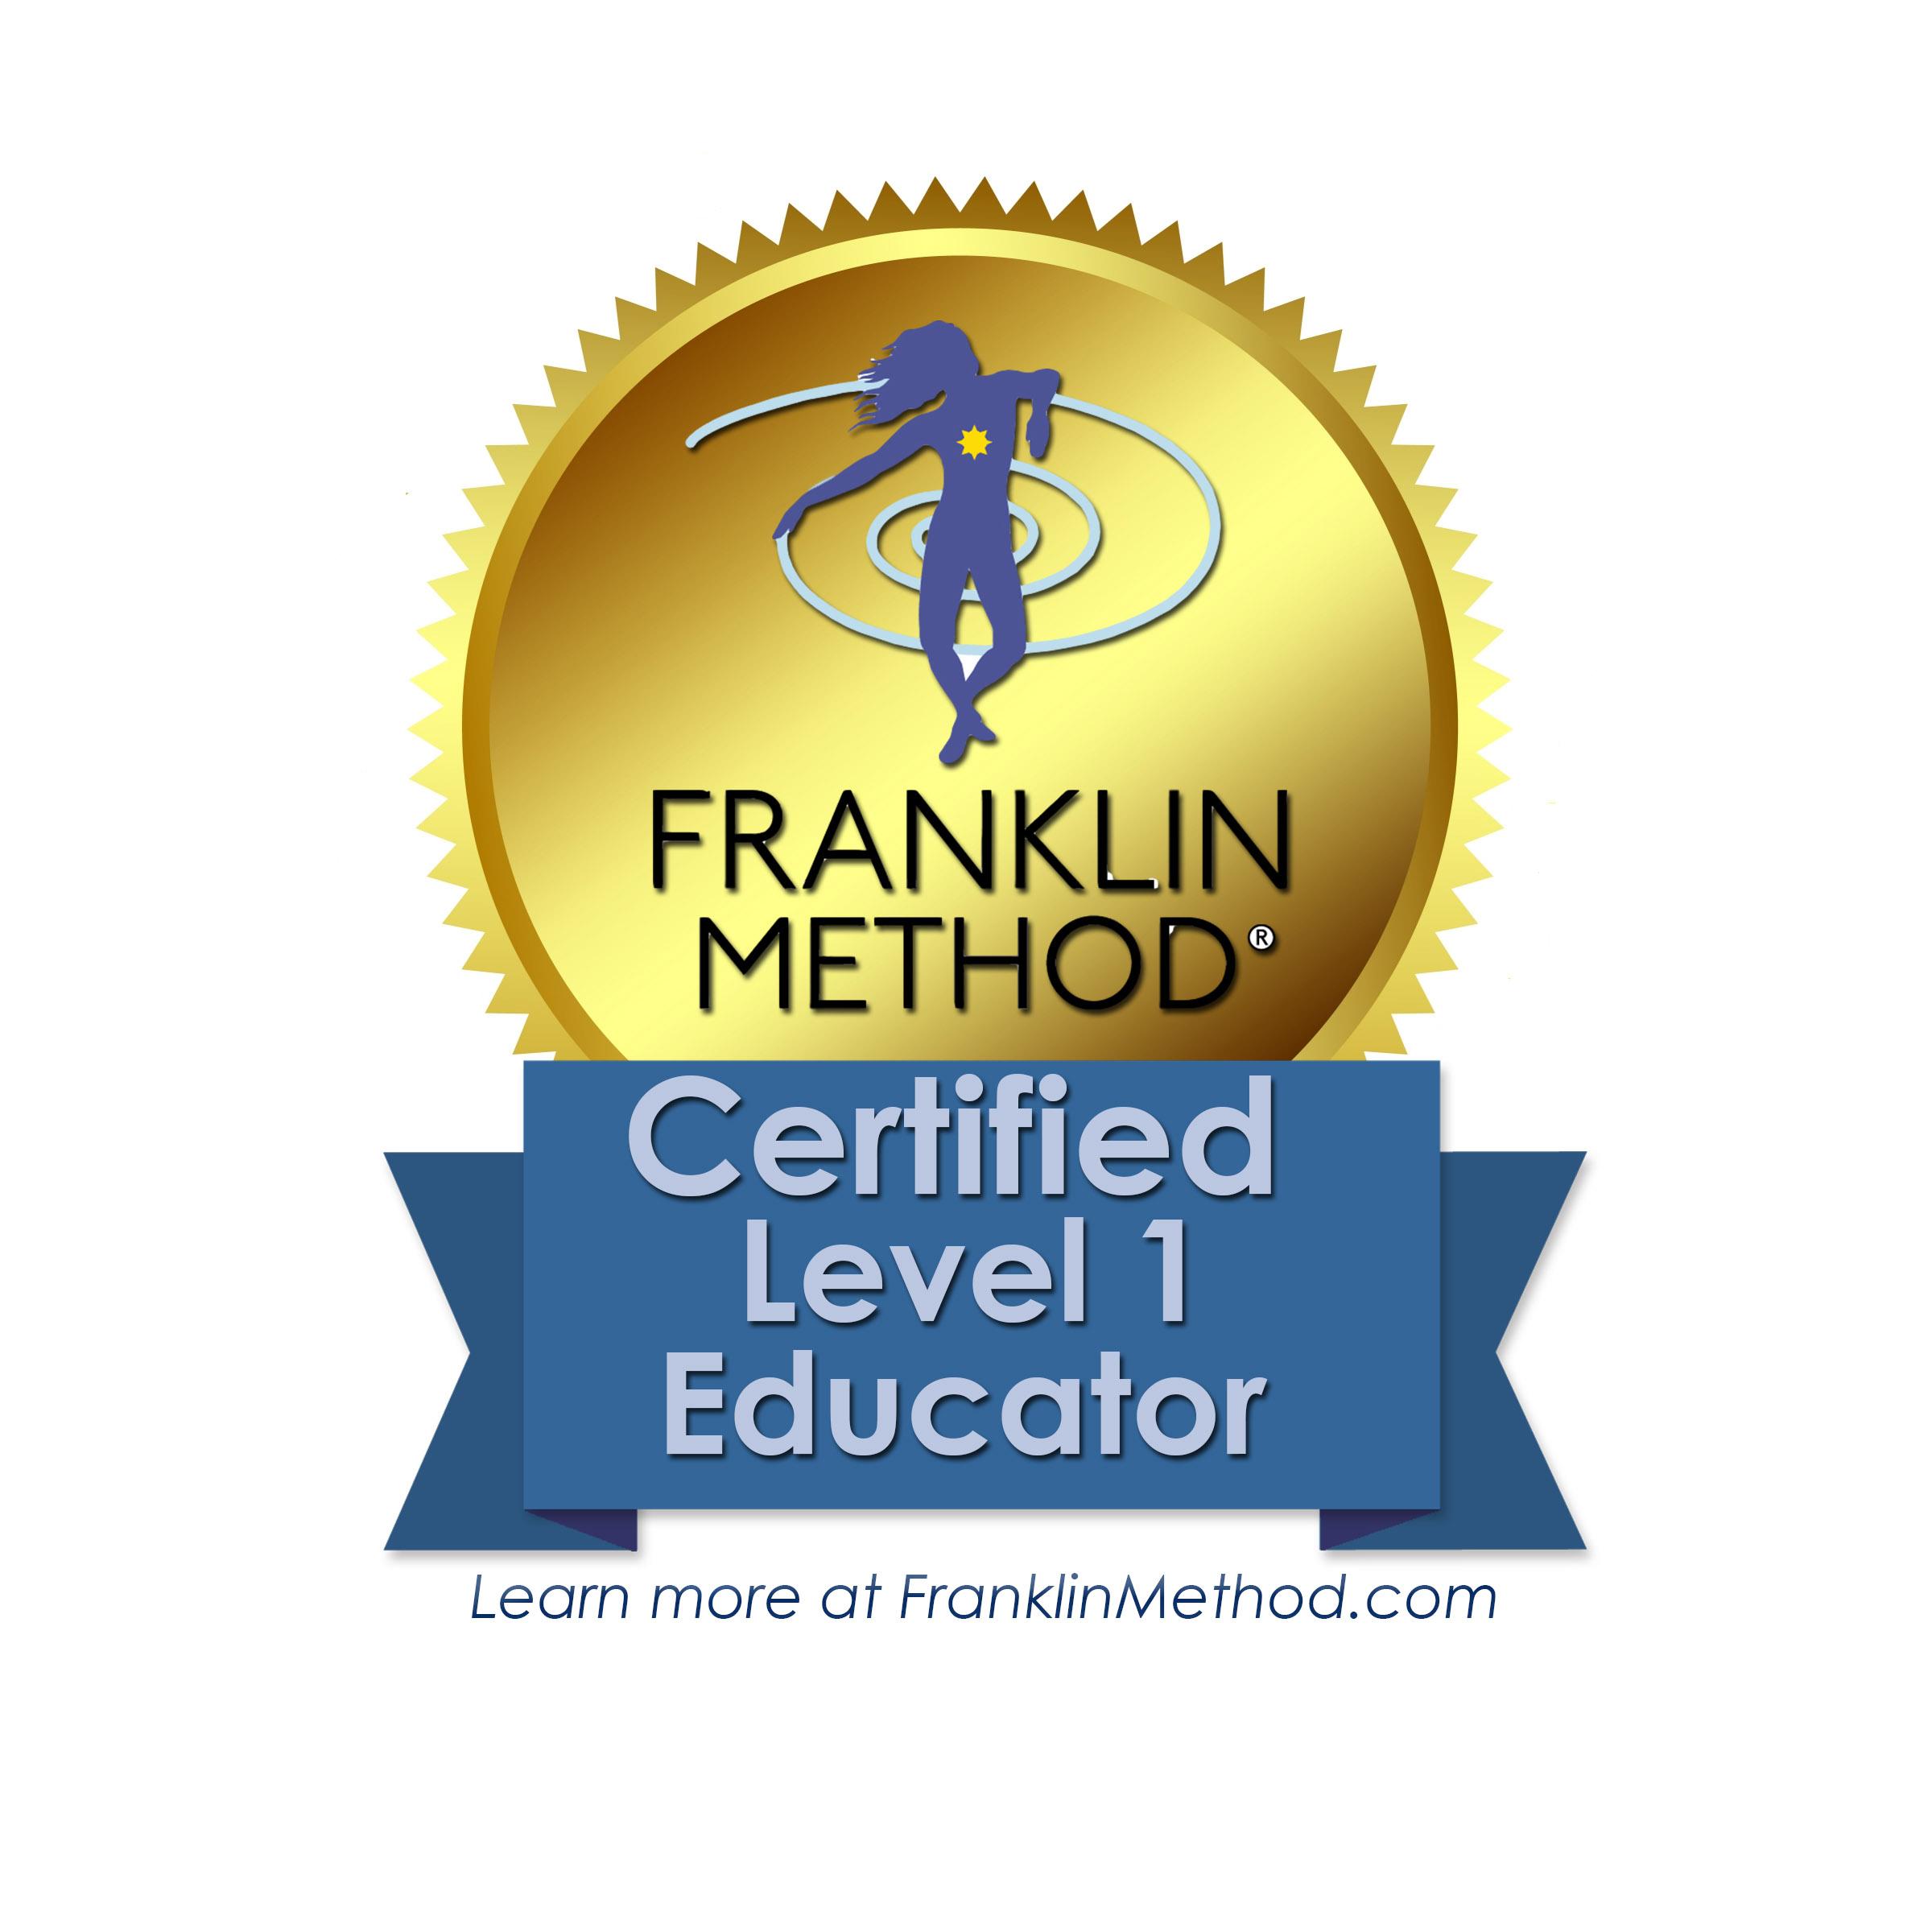 fm-level-badge.jpg